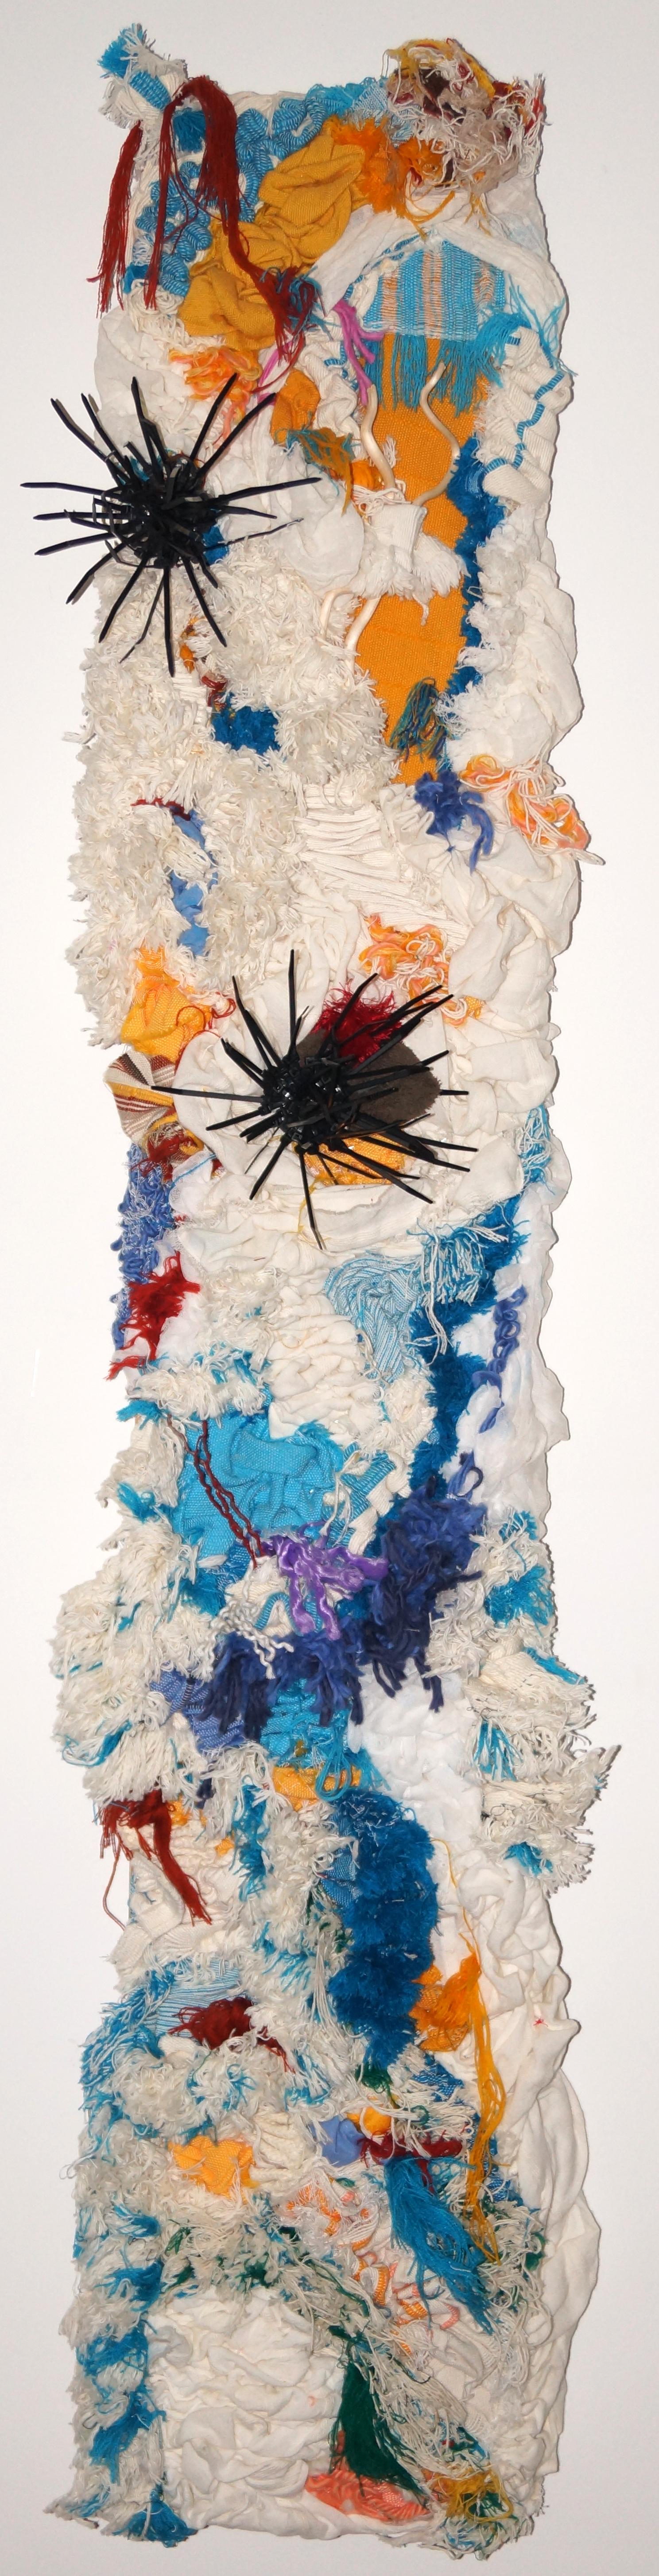 Arrecife, 2011  Técnica Mixta, Materiales Reciclados  150x33cm 14 kilos